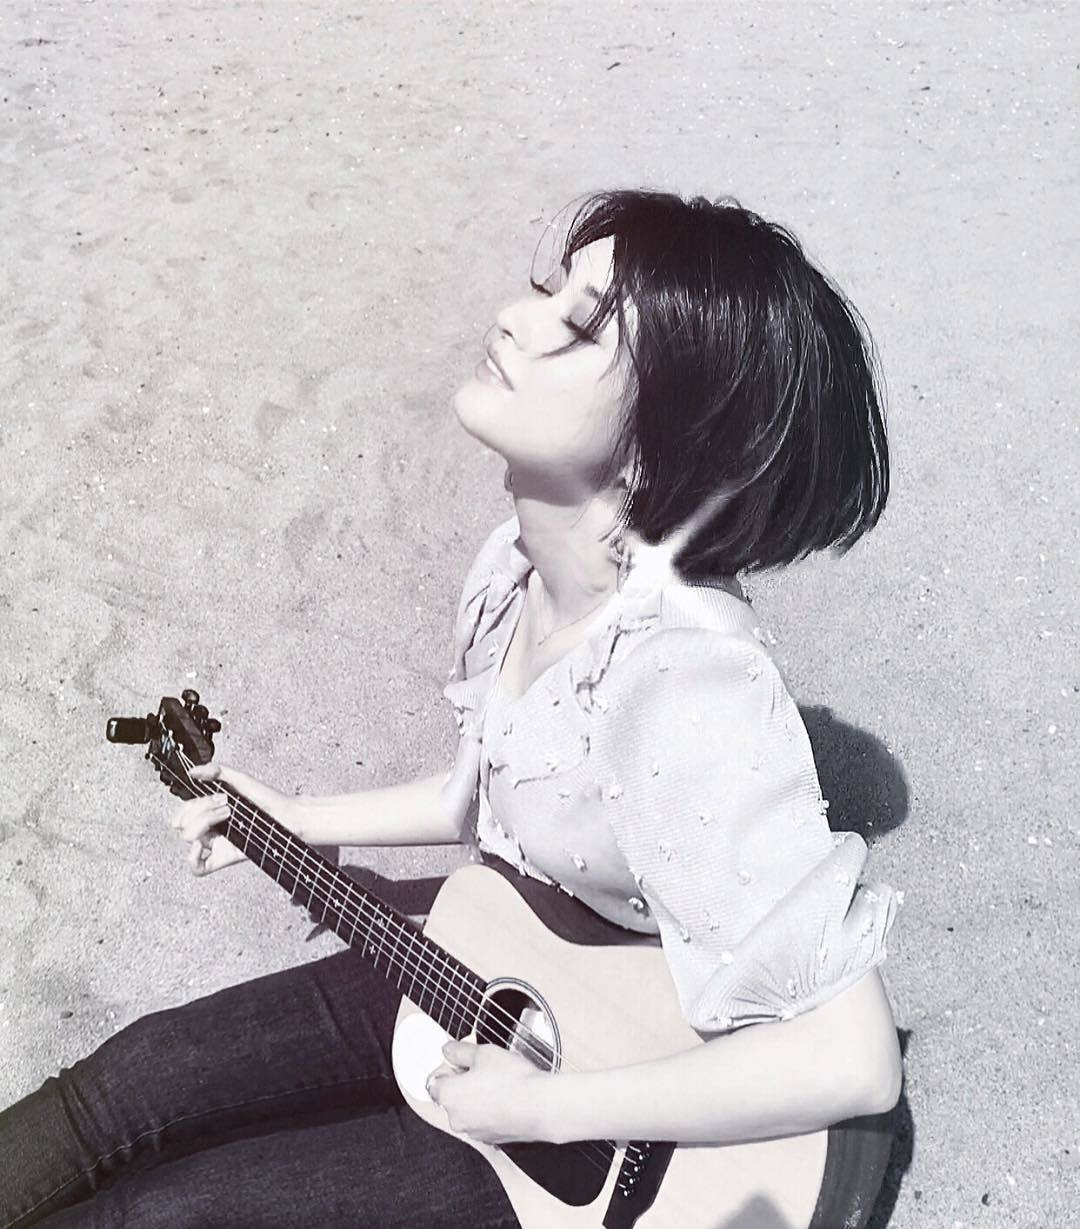 <世界に一曲、あなたの為に楽曲を書き下ろし プラン>